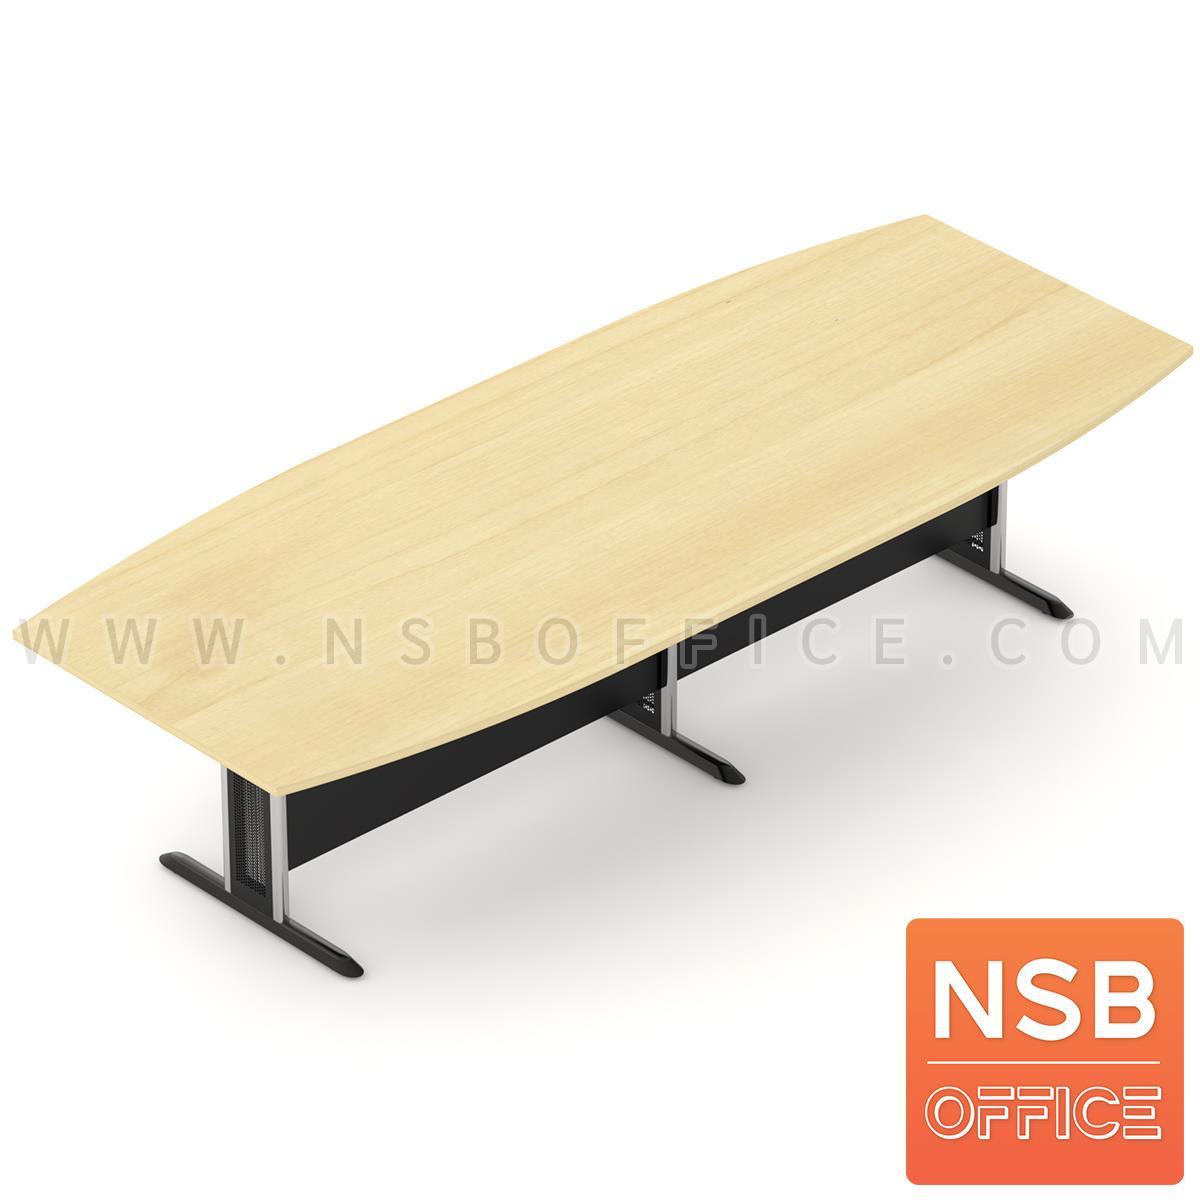 A05A080:โต๊ะประชุมกลางต่อทรงเรือ  300W ,360W ,400W ,480W cm. พร้อมบังโป๊ไม้ ขาเหล็กตัวที